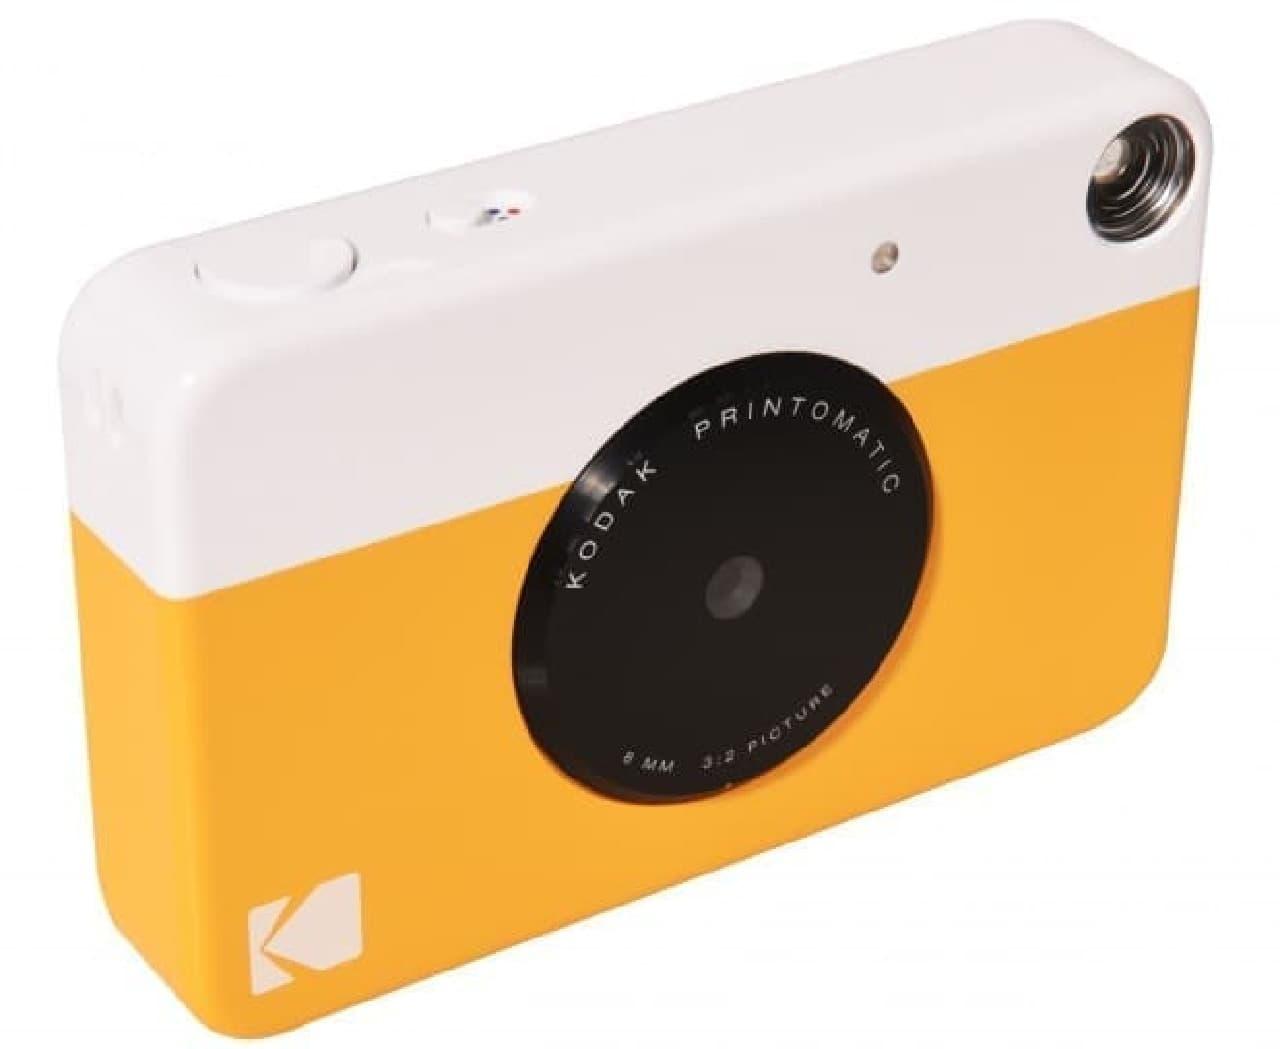 インスタントデジタルカメラ「KODAK PRINTOMATIC」